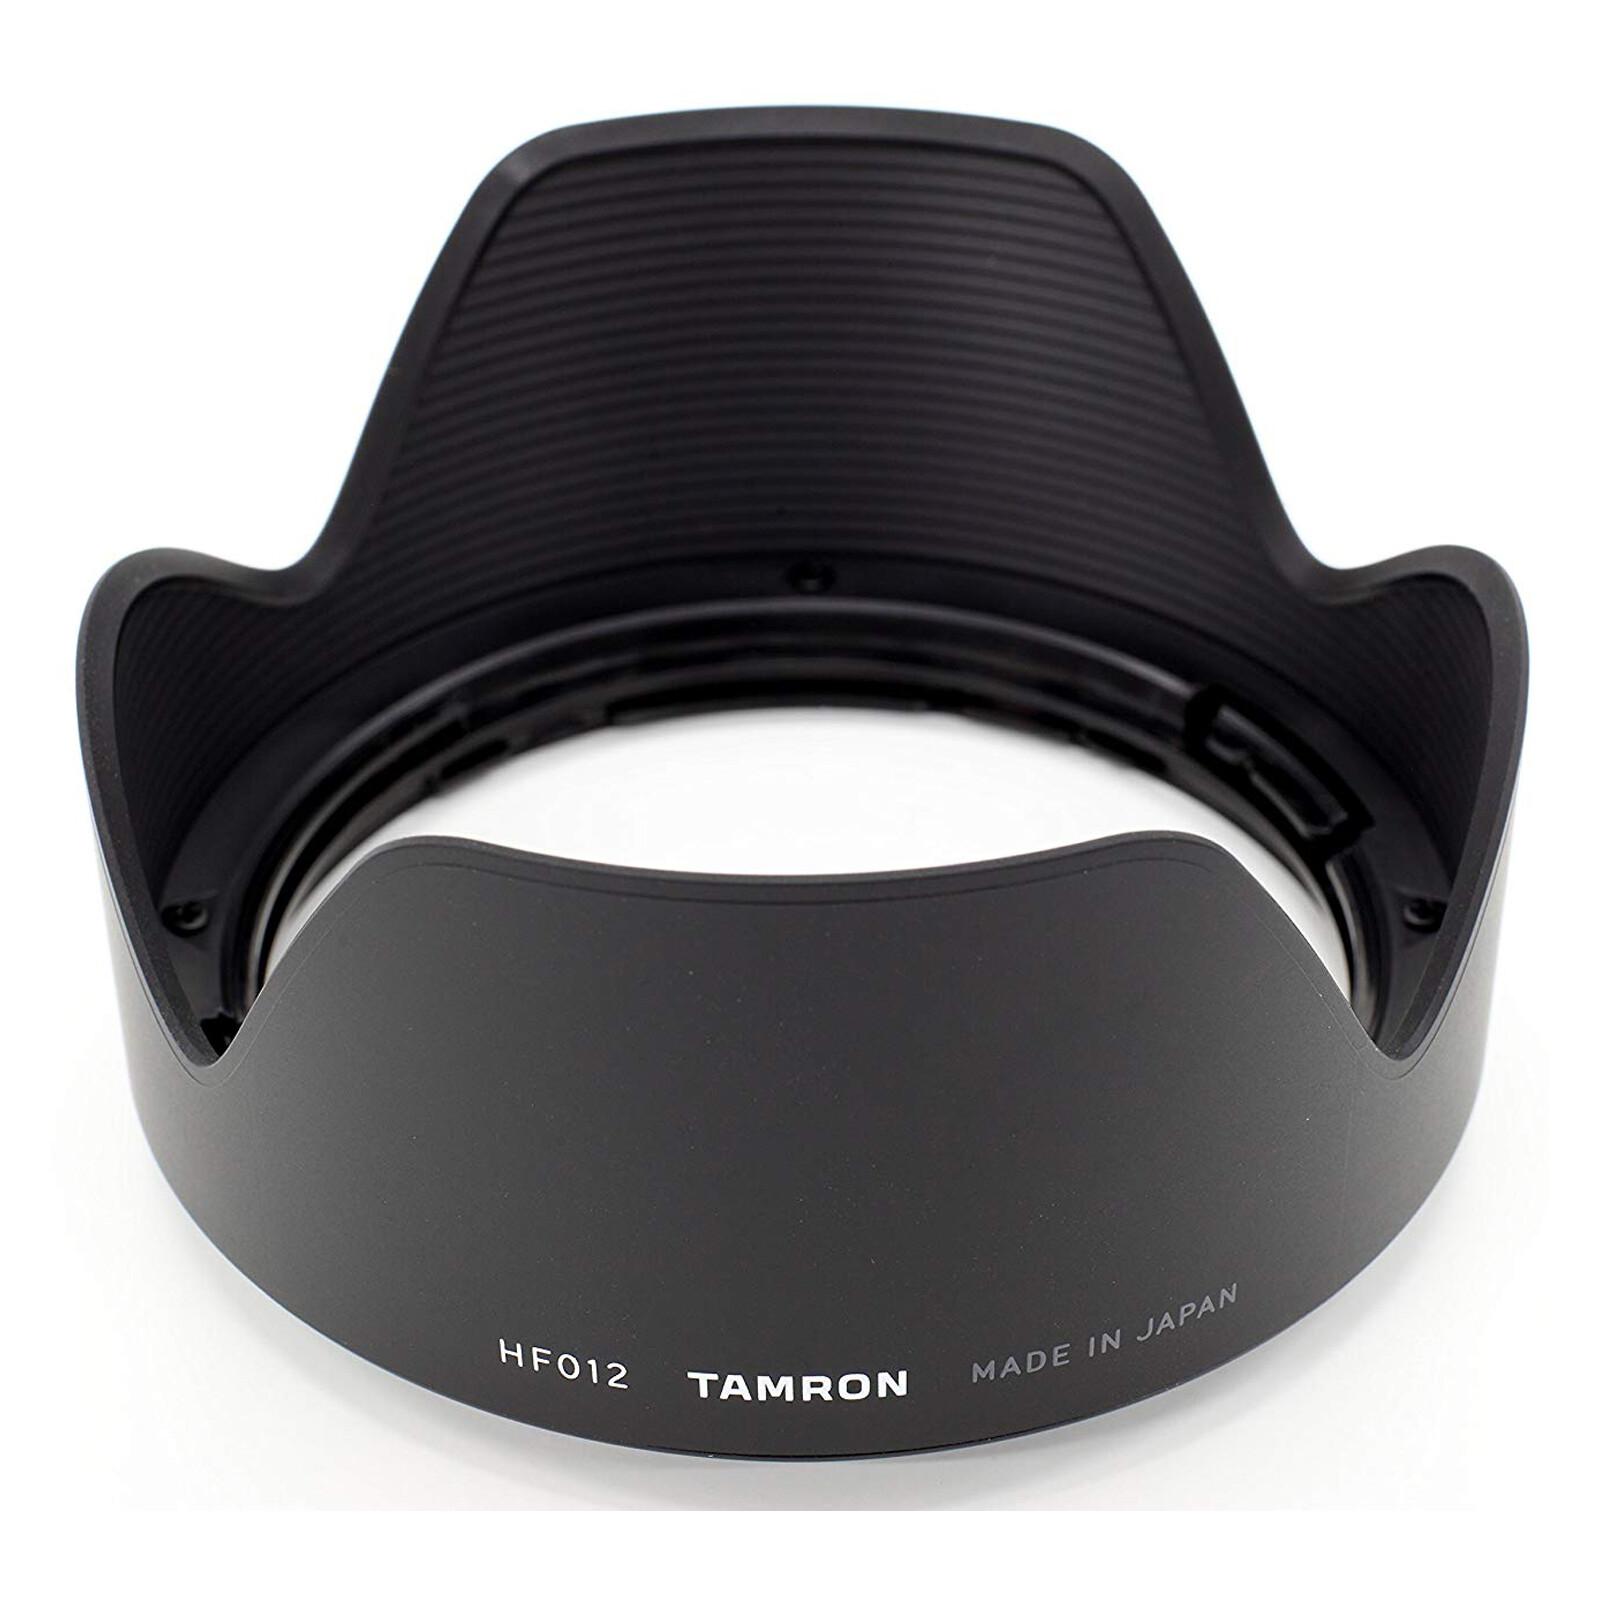 Tamron F012 Gegenlichtblende